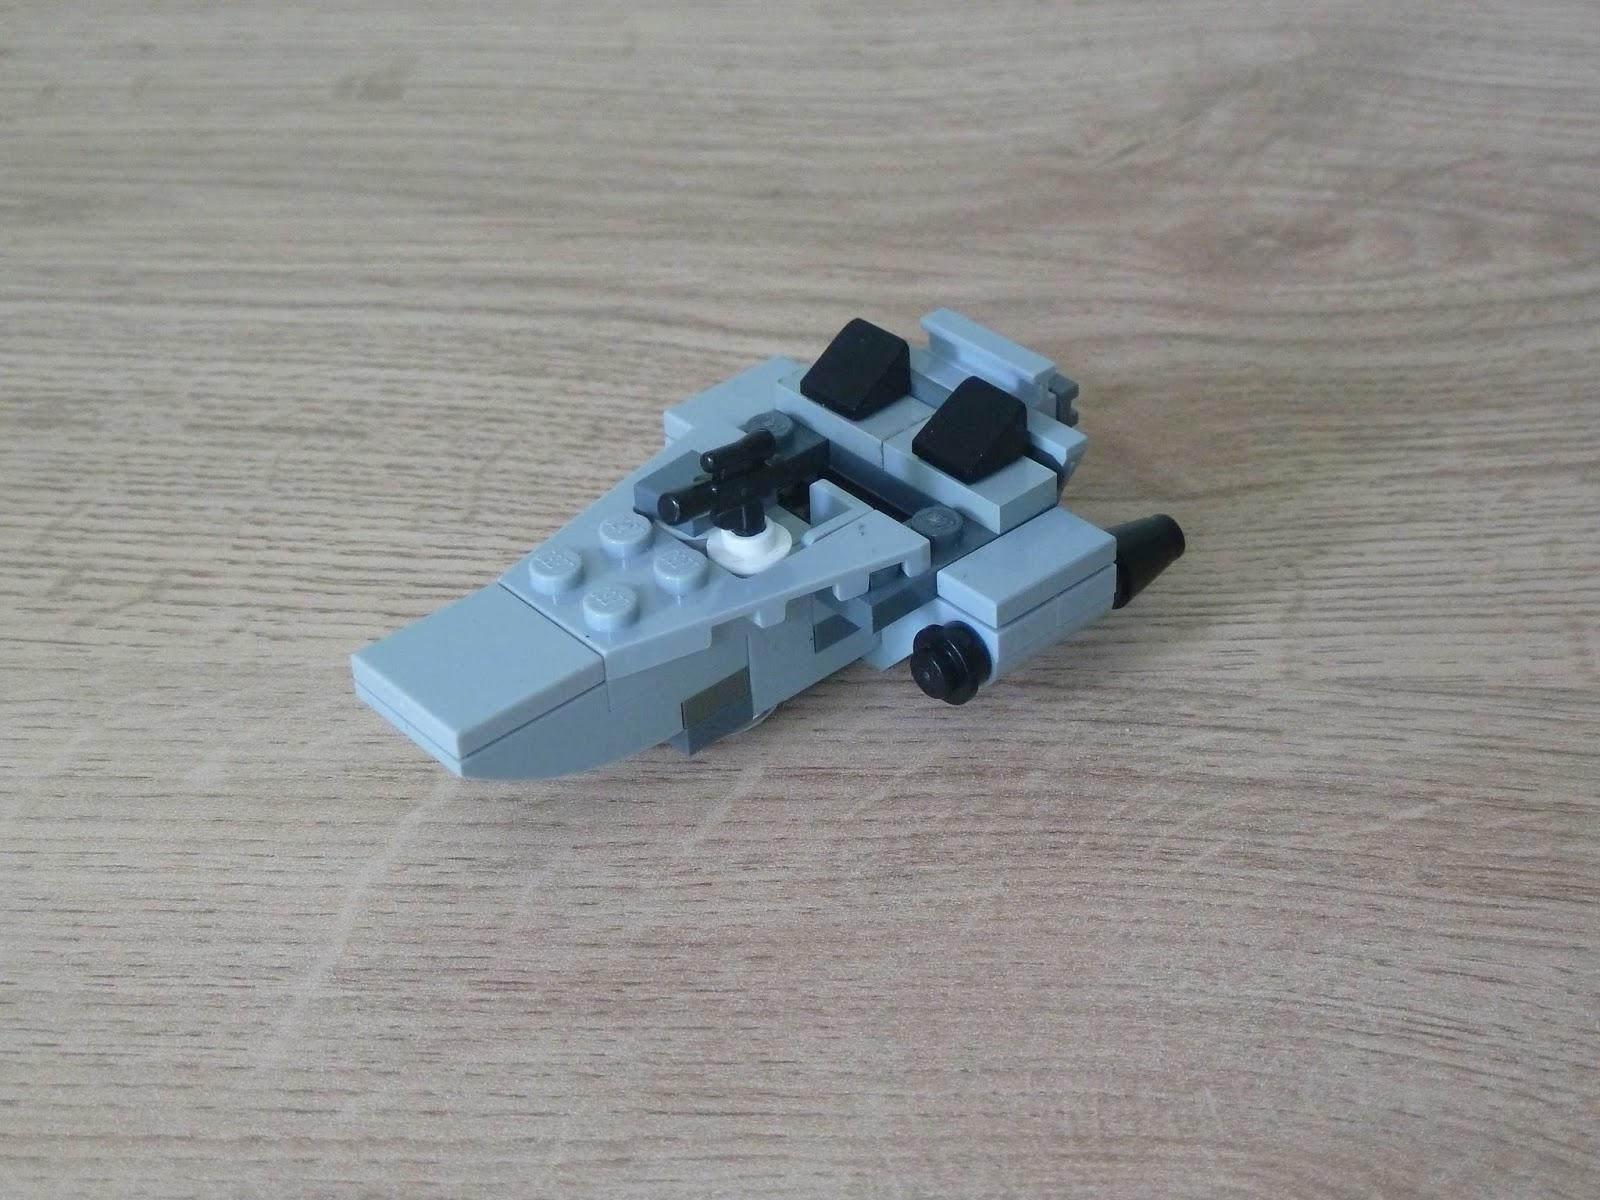 Totobricks Lego Star Wars First Order Snowspeeder Instructions